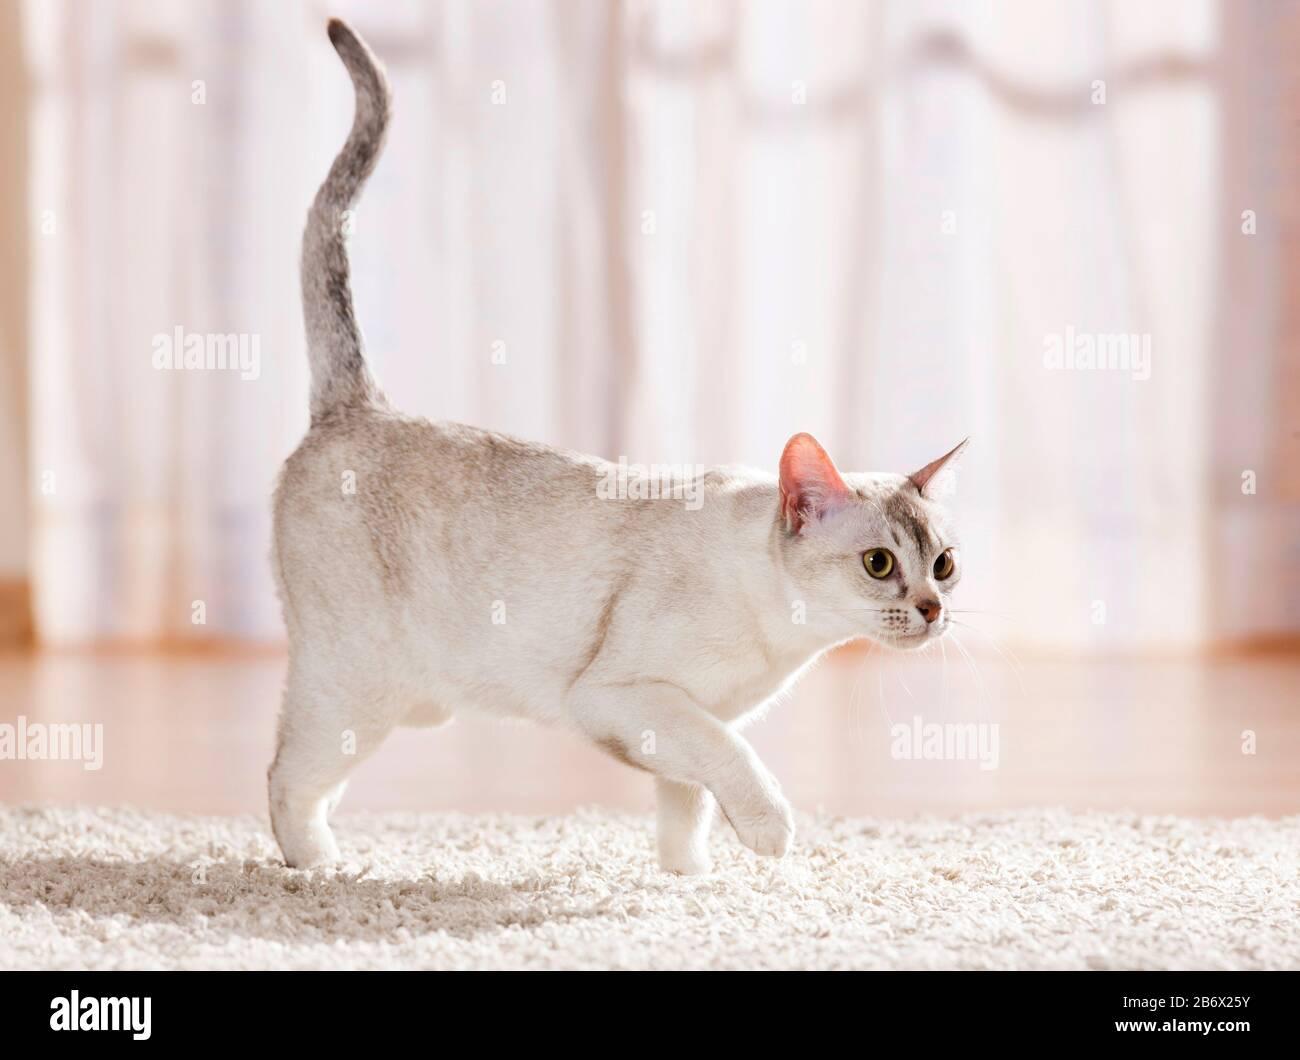 Gato birmano. Adulto en un apartamento, caminando sobre una alfombra. Alemania Foto de stock